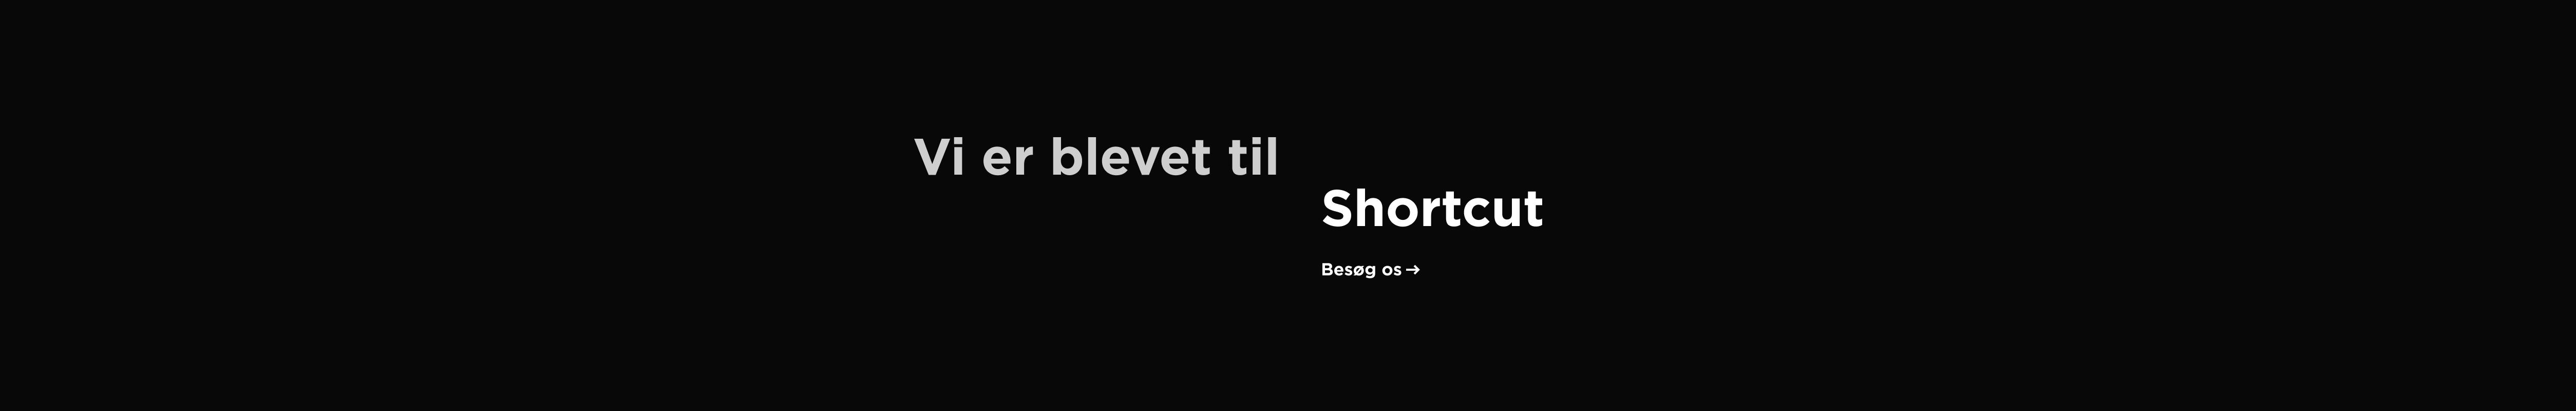 gpxshortcut_extra_long_big